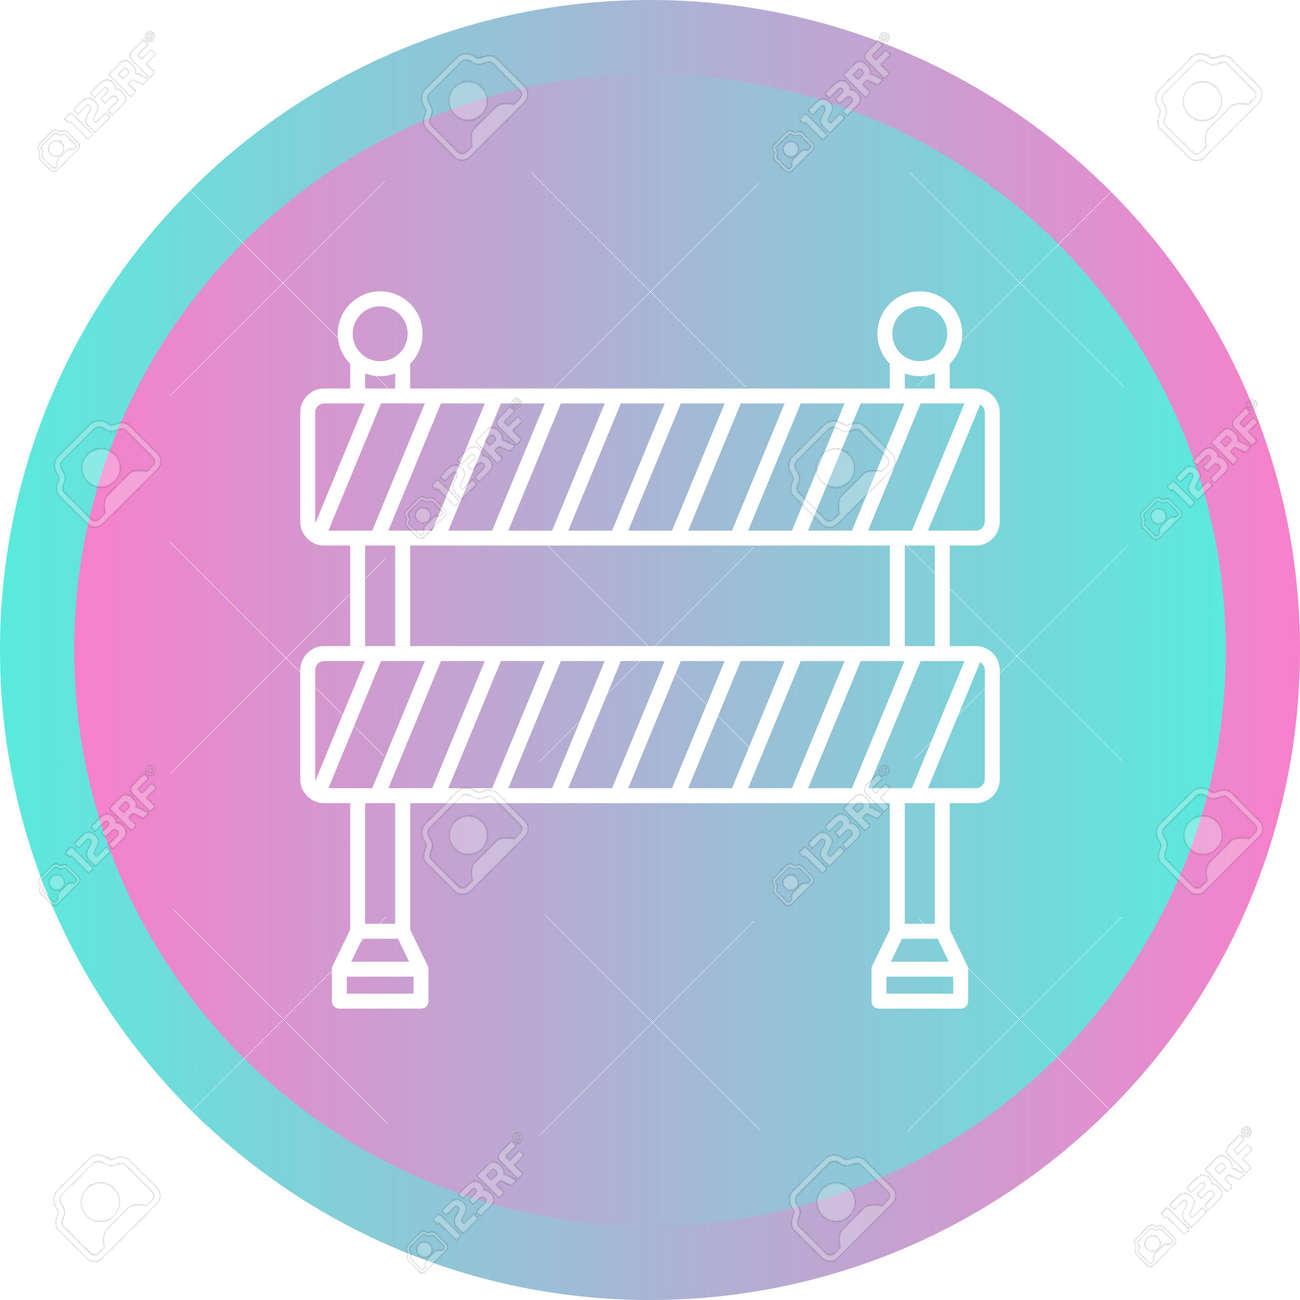 Unique Barricade Line Vector Icon - 167962659